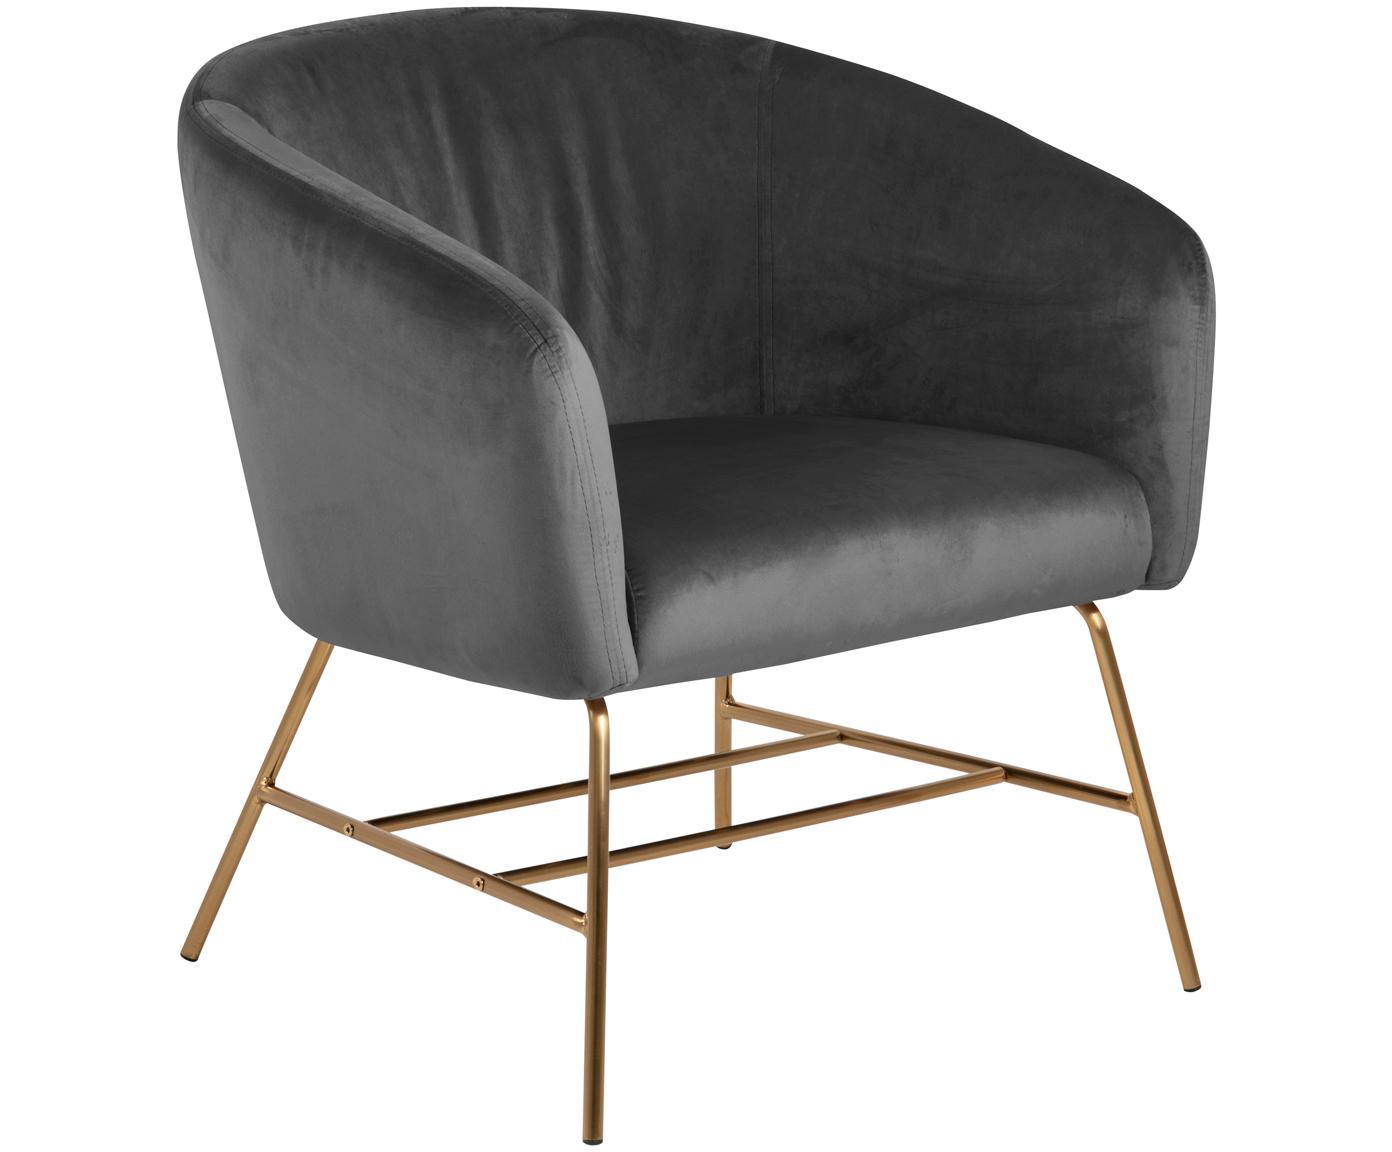 Fotel koktajlowy z aksamitu Ramsey, Tapicerka: aksamit poliestrowy 2500, Nogi: metal lakierowany, Ciemnyszary, odcienie mosiądzu, S 72 x G 67 cm